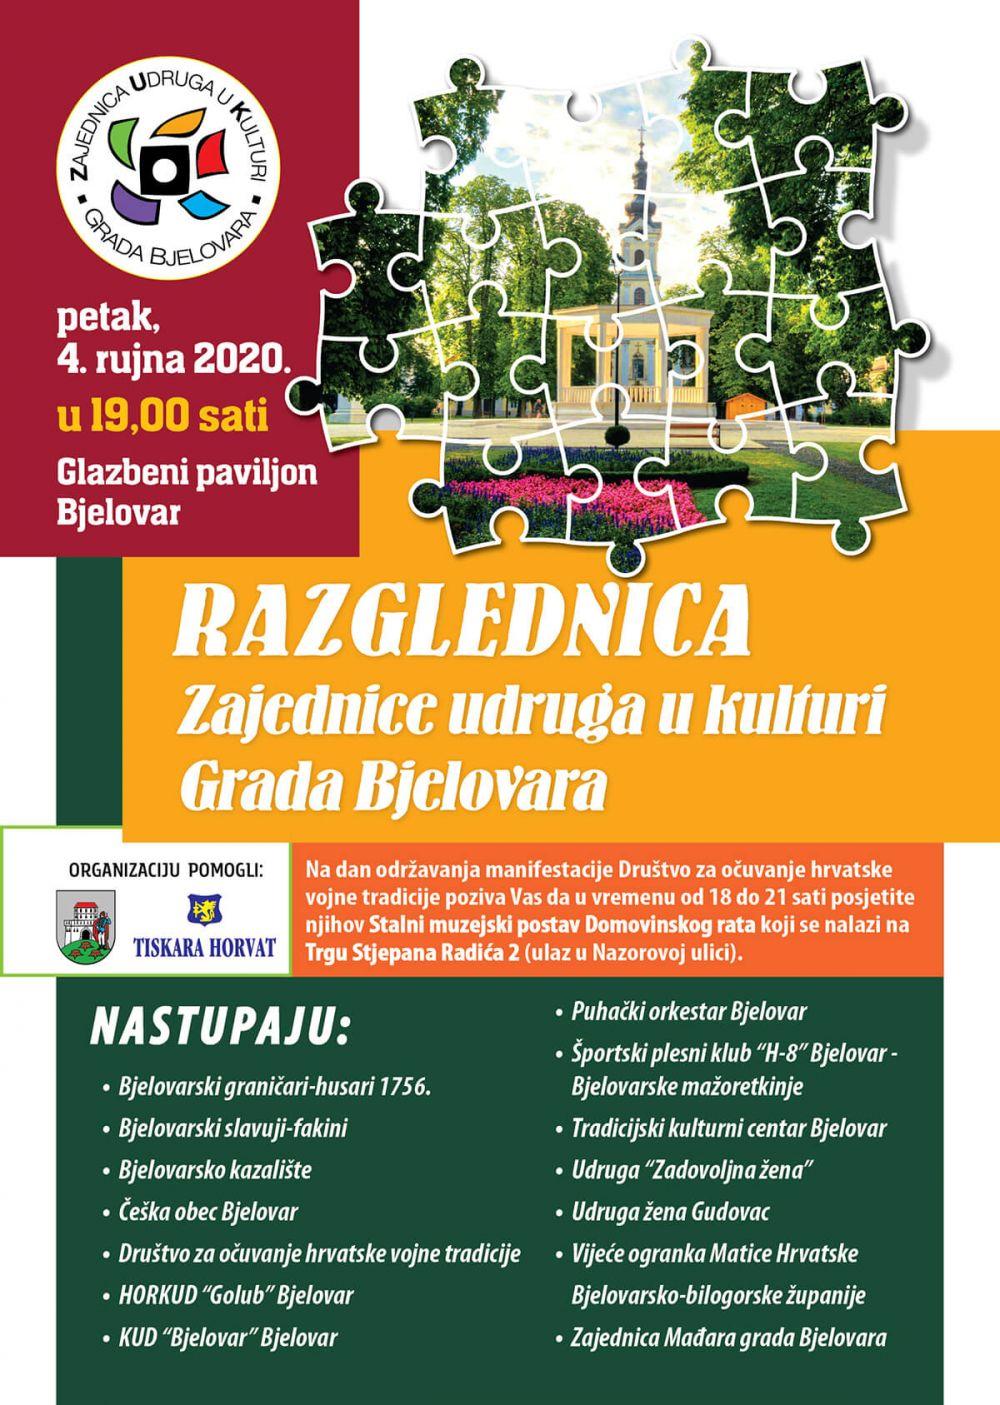 Razglednica Zajednice udruga u kulturi Grada Bjelovara